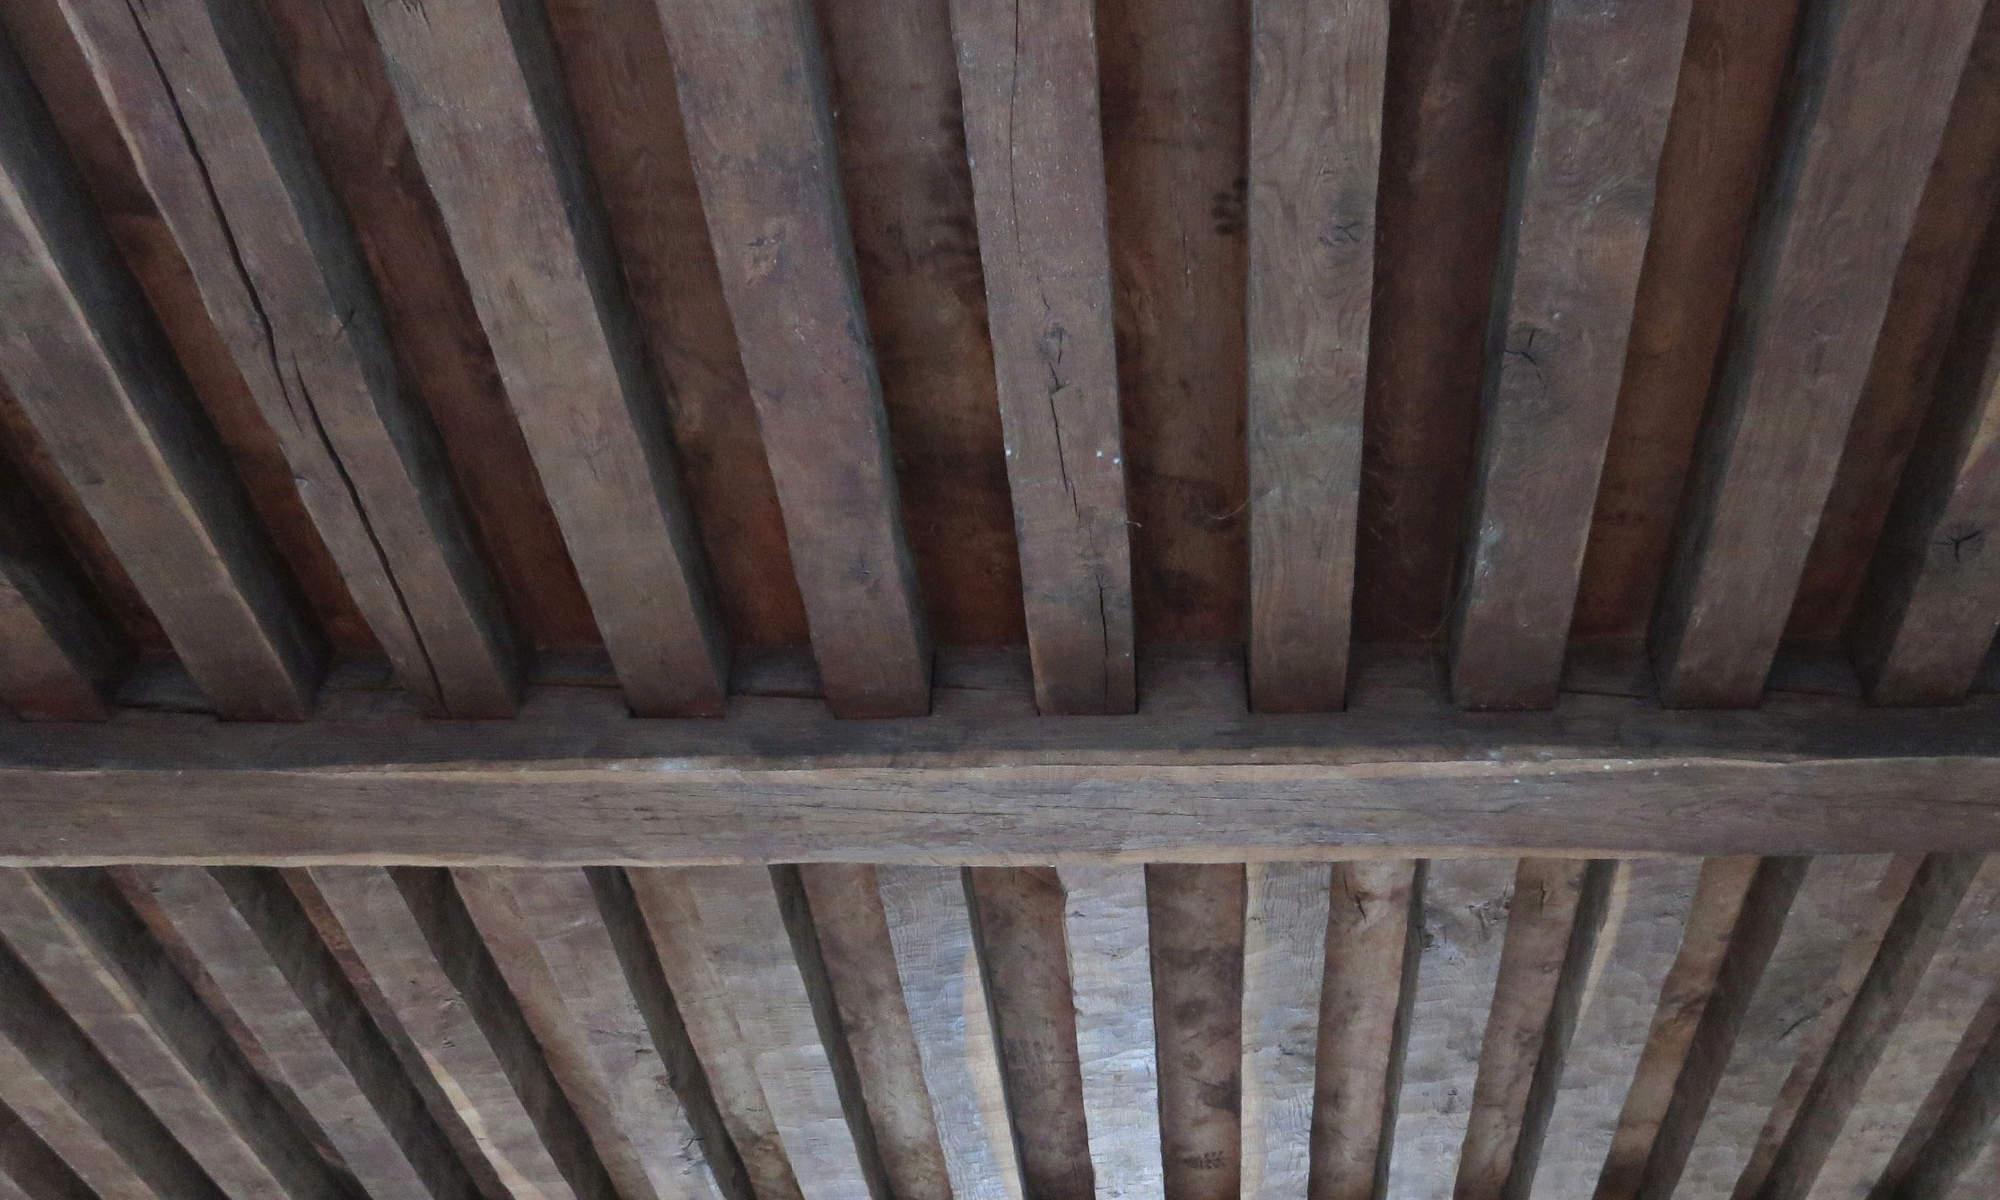 Changer Le Plancher D Une Maison planchers en bois anciens - bestrema